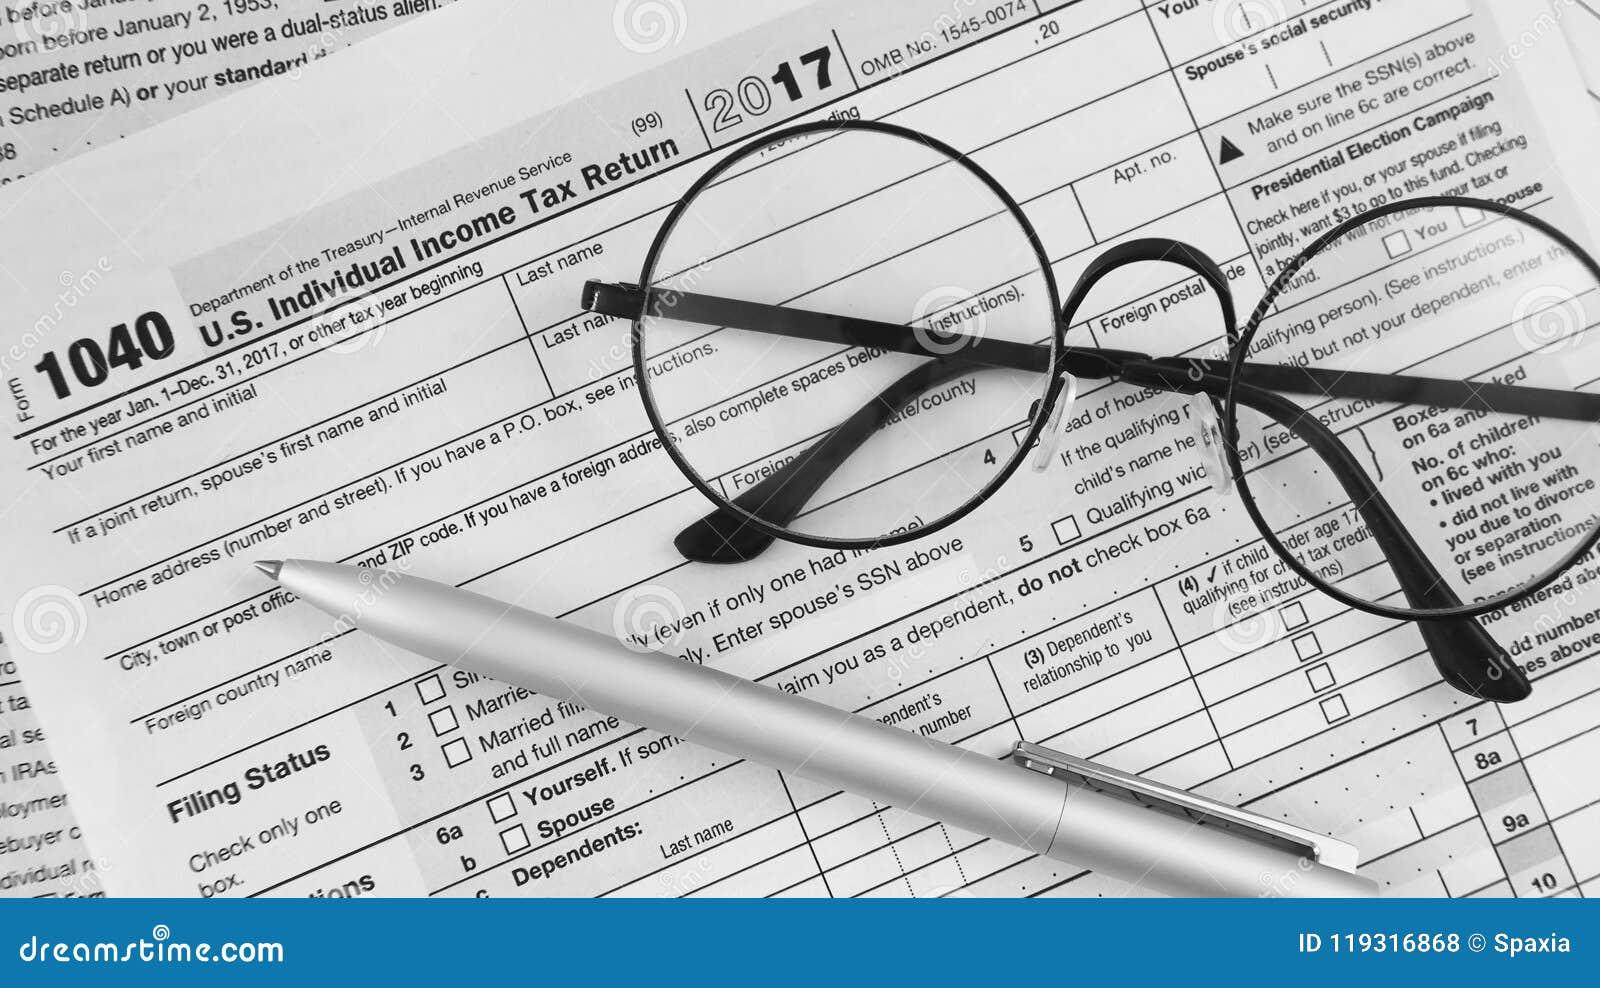 Individuell inkomstskattretur